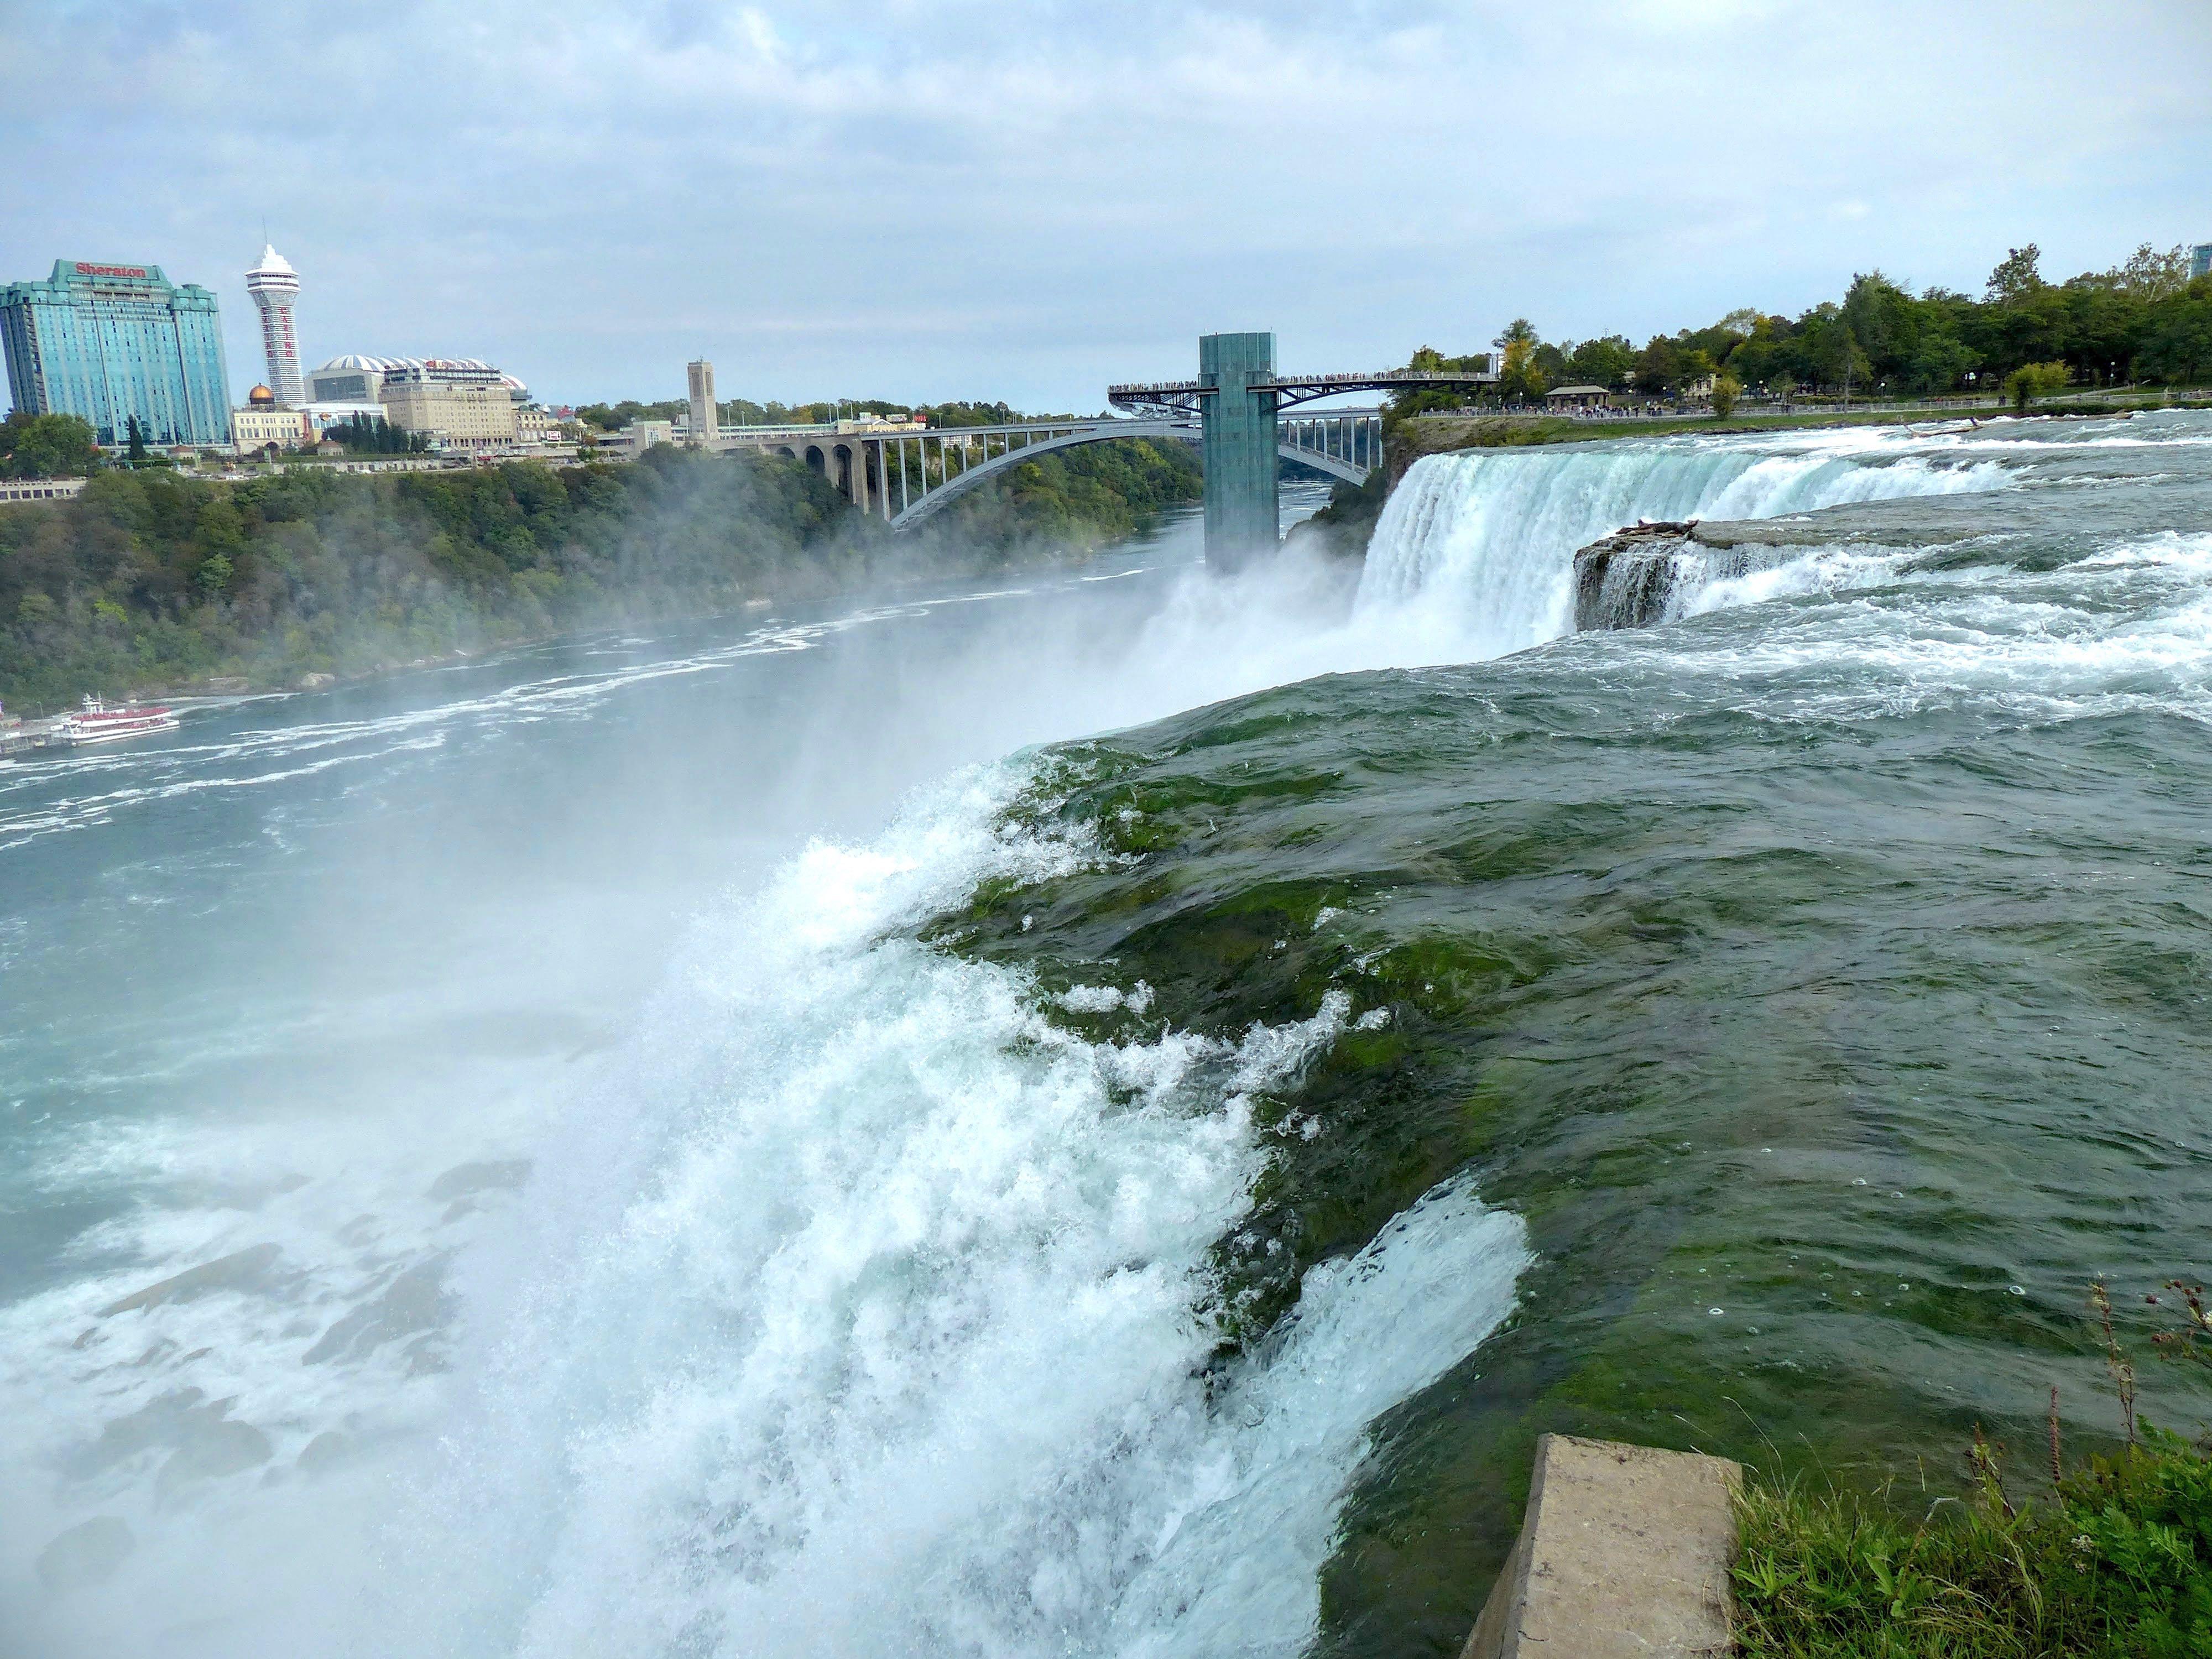 Niagara Falls (/ n aɪ ˈ æ ɡ ər ə / ny-AG-ər-ə) is a city in Niagara County, New York, United States. As of the census, the city had a total population of 50,, down from the .